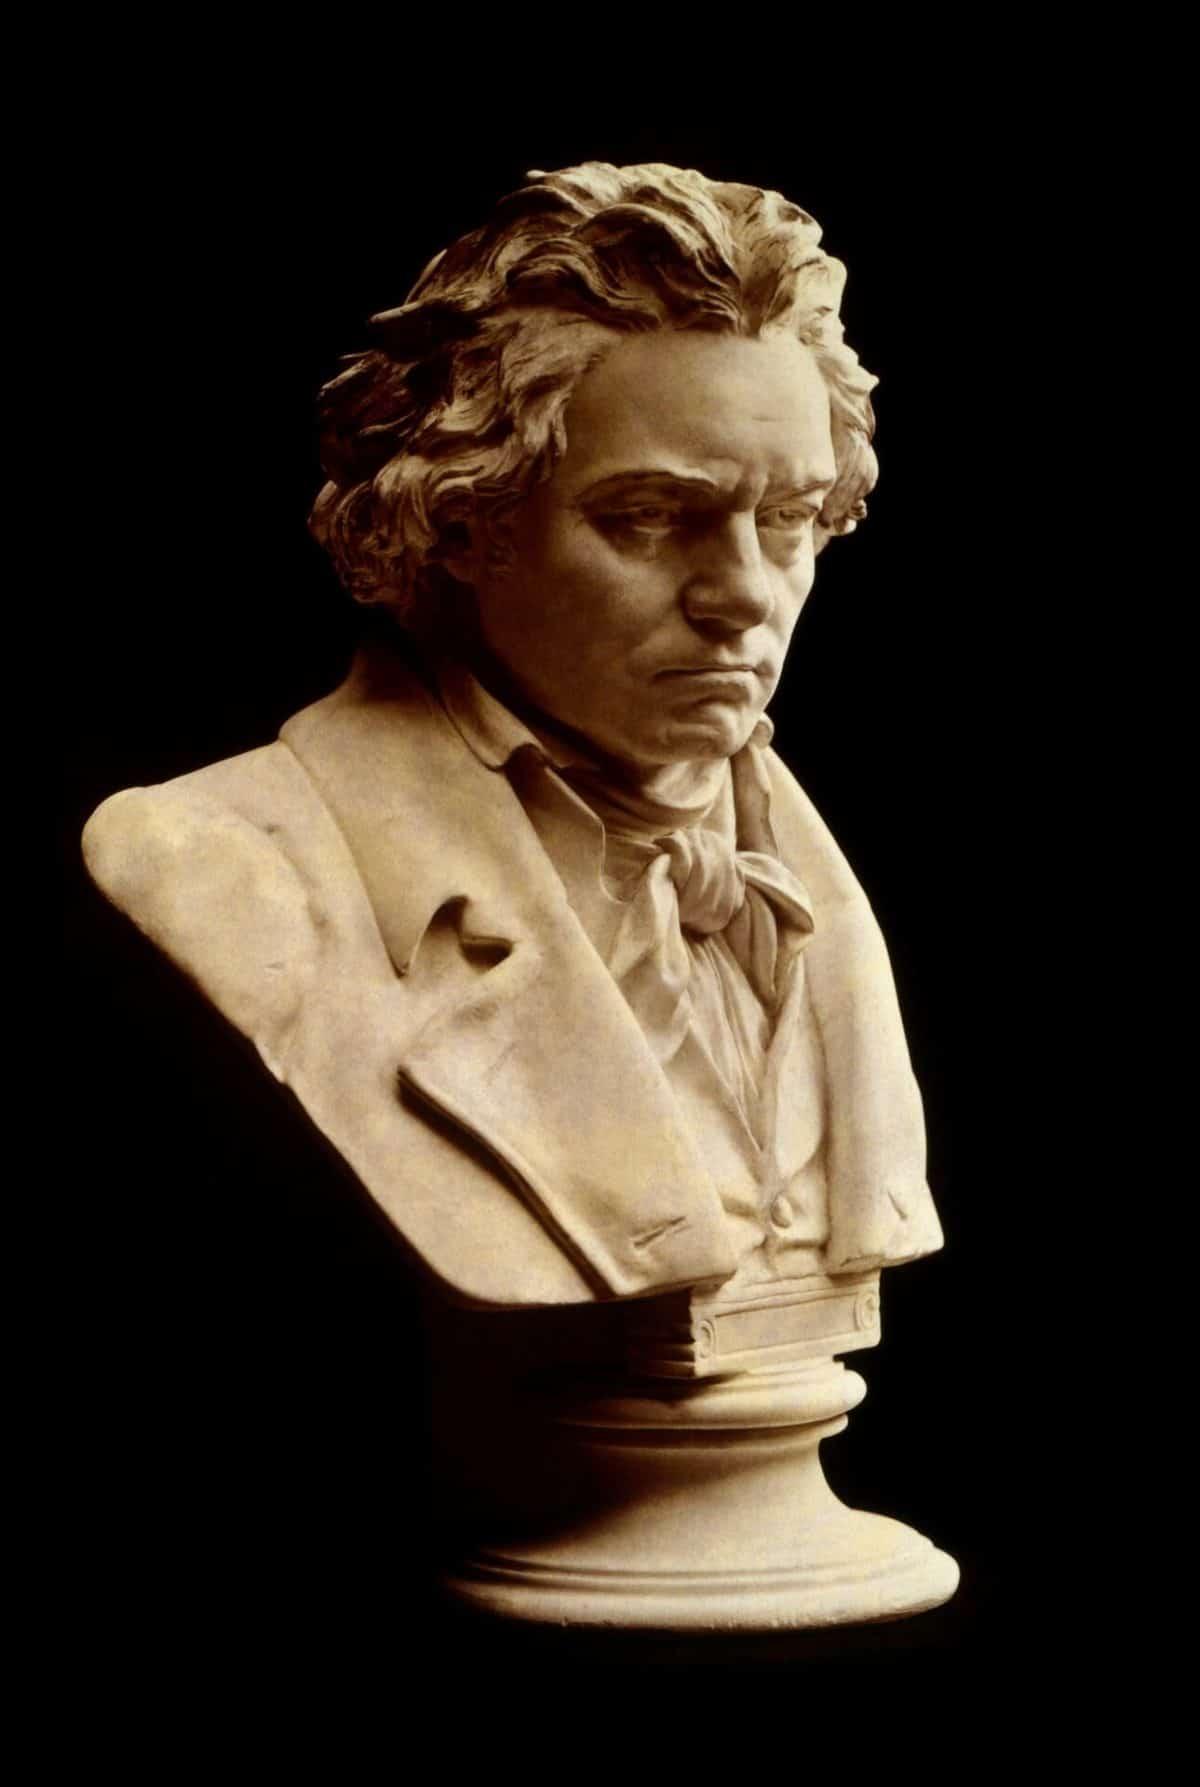 Ludwig van Beethoven Pixabay Public Domain